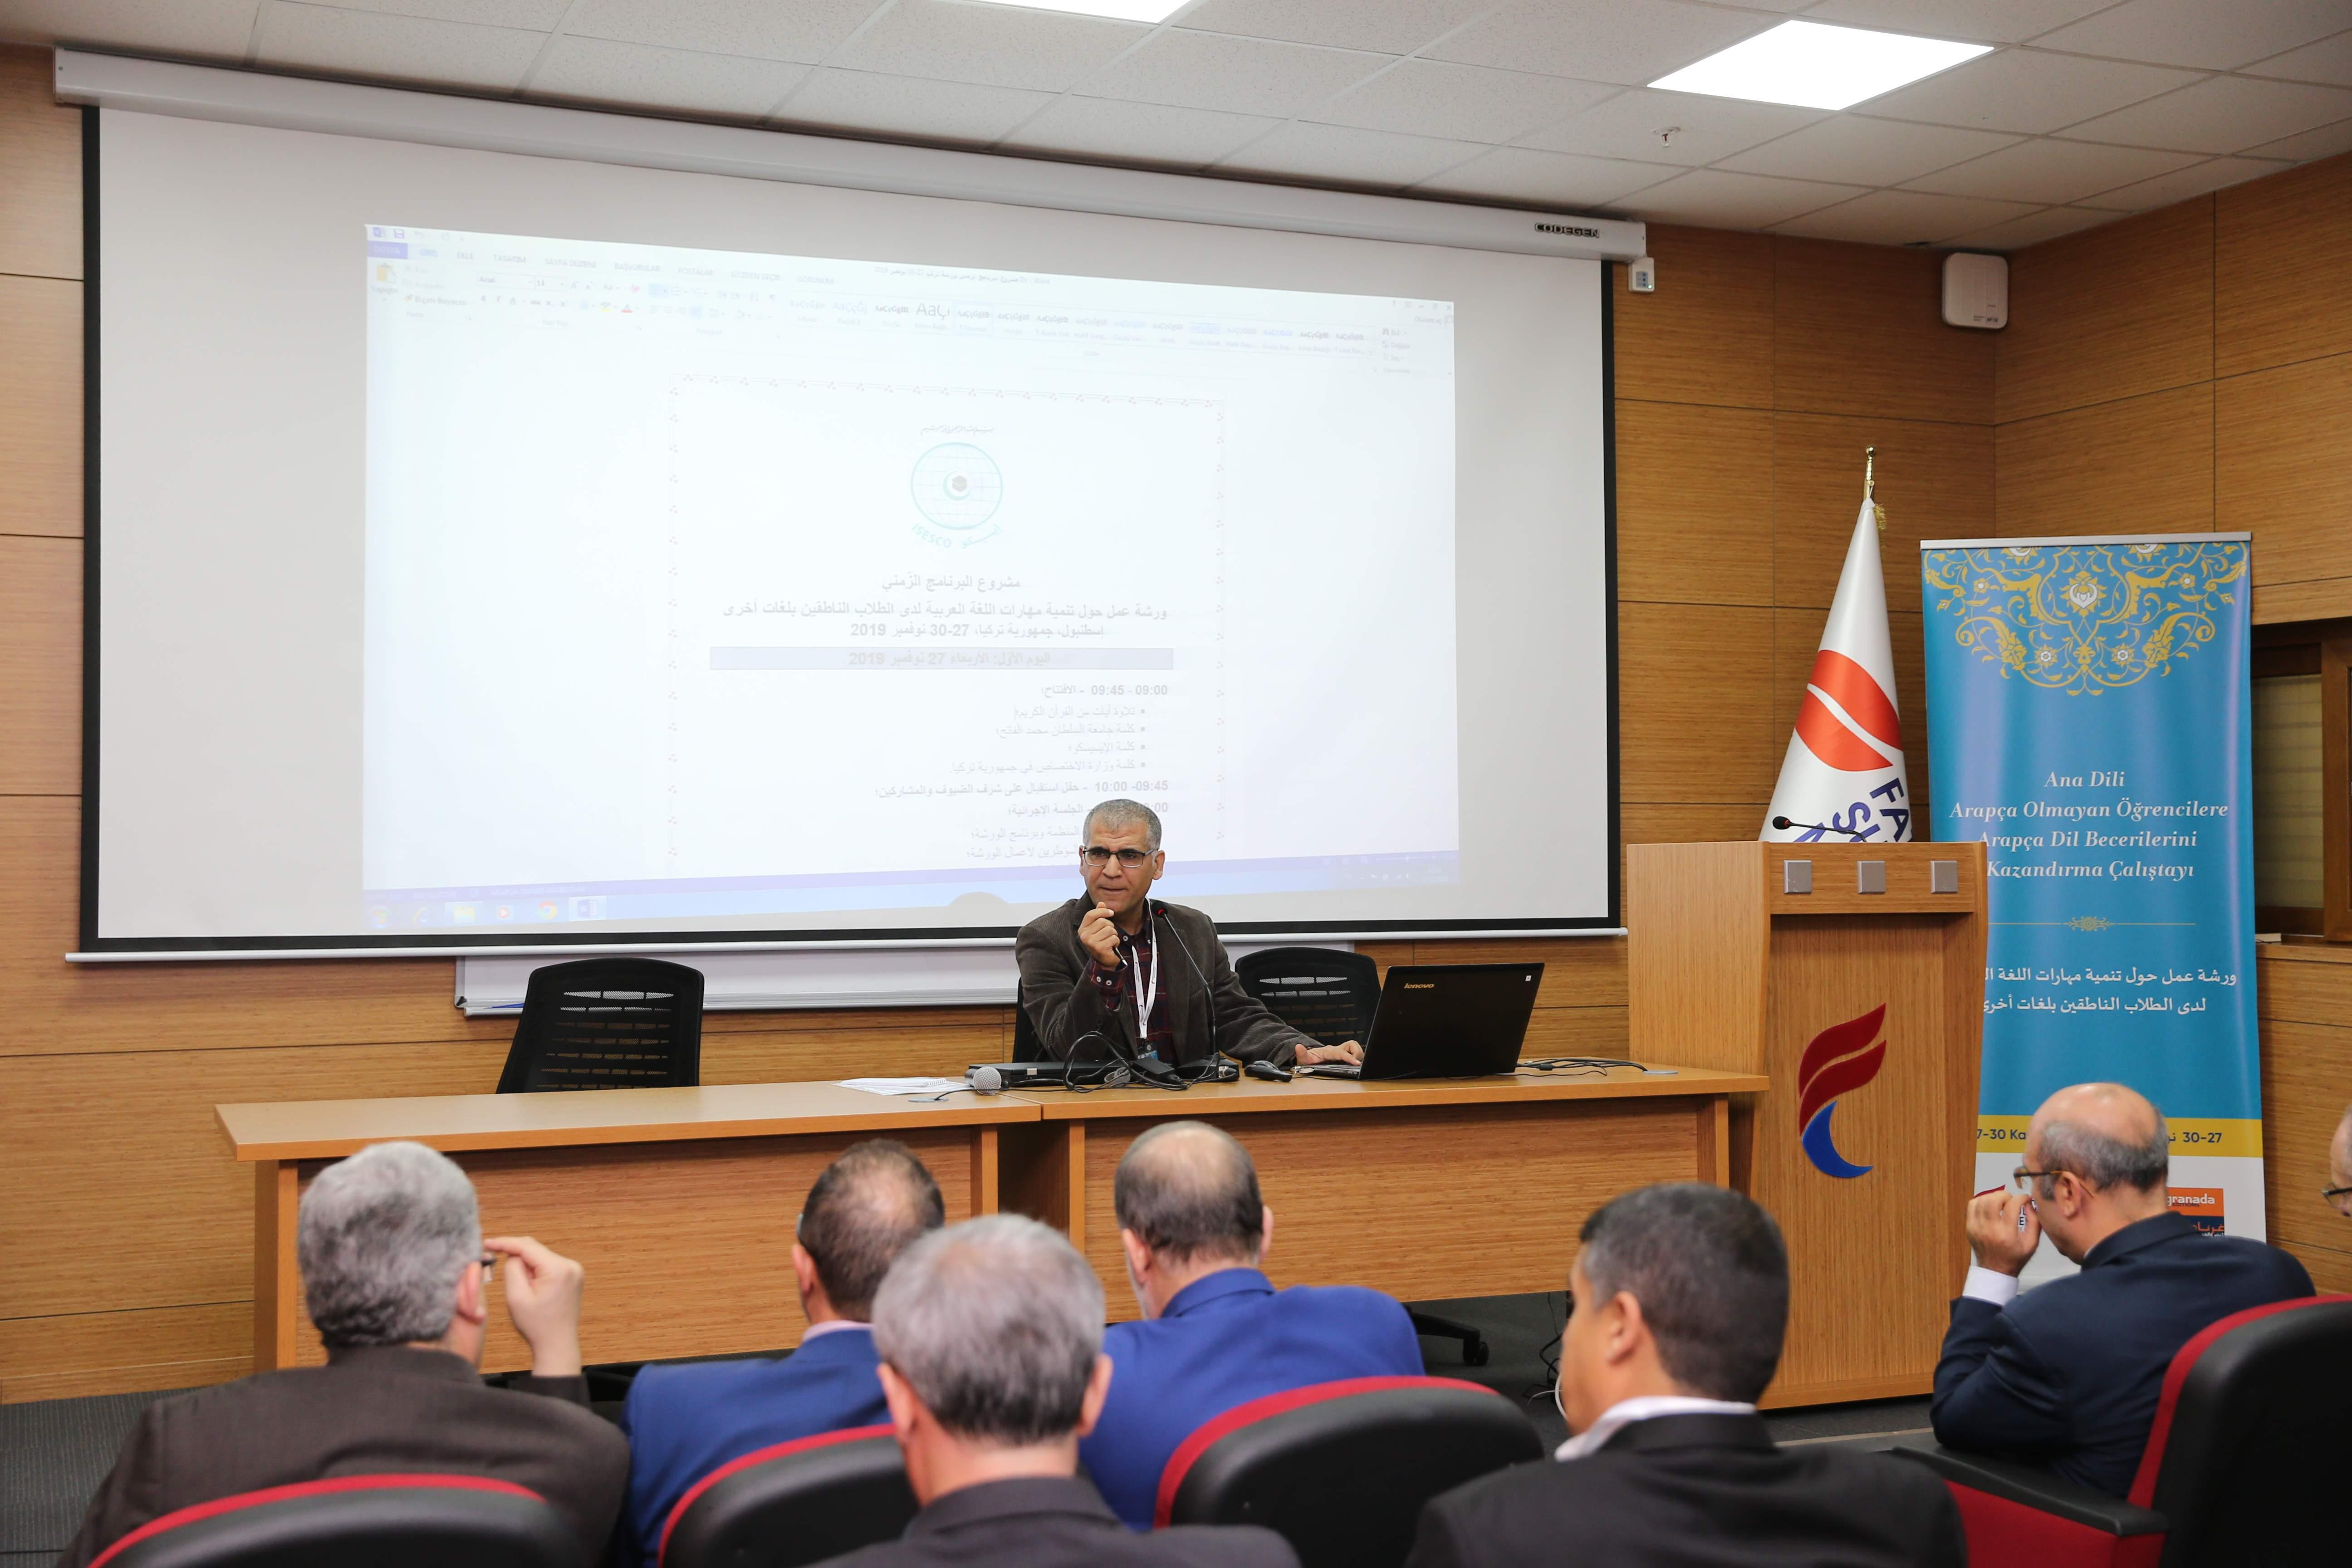 Arapça Dil Becerileri Geliştirme Yöntemleri için Çalıştay